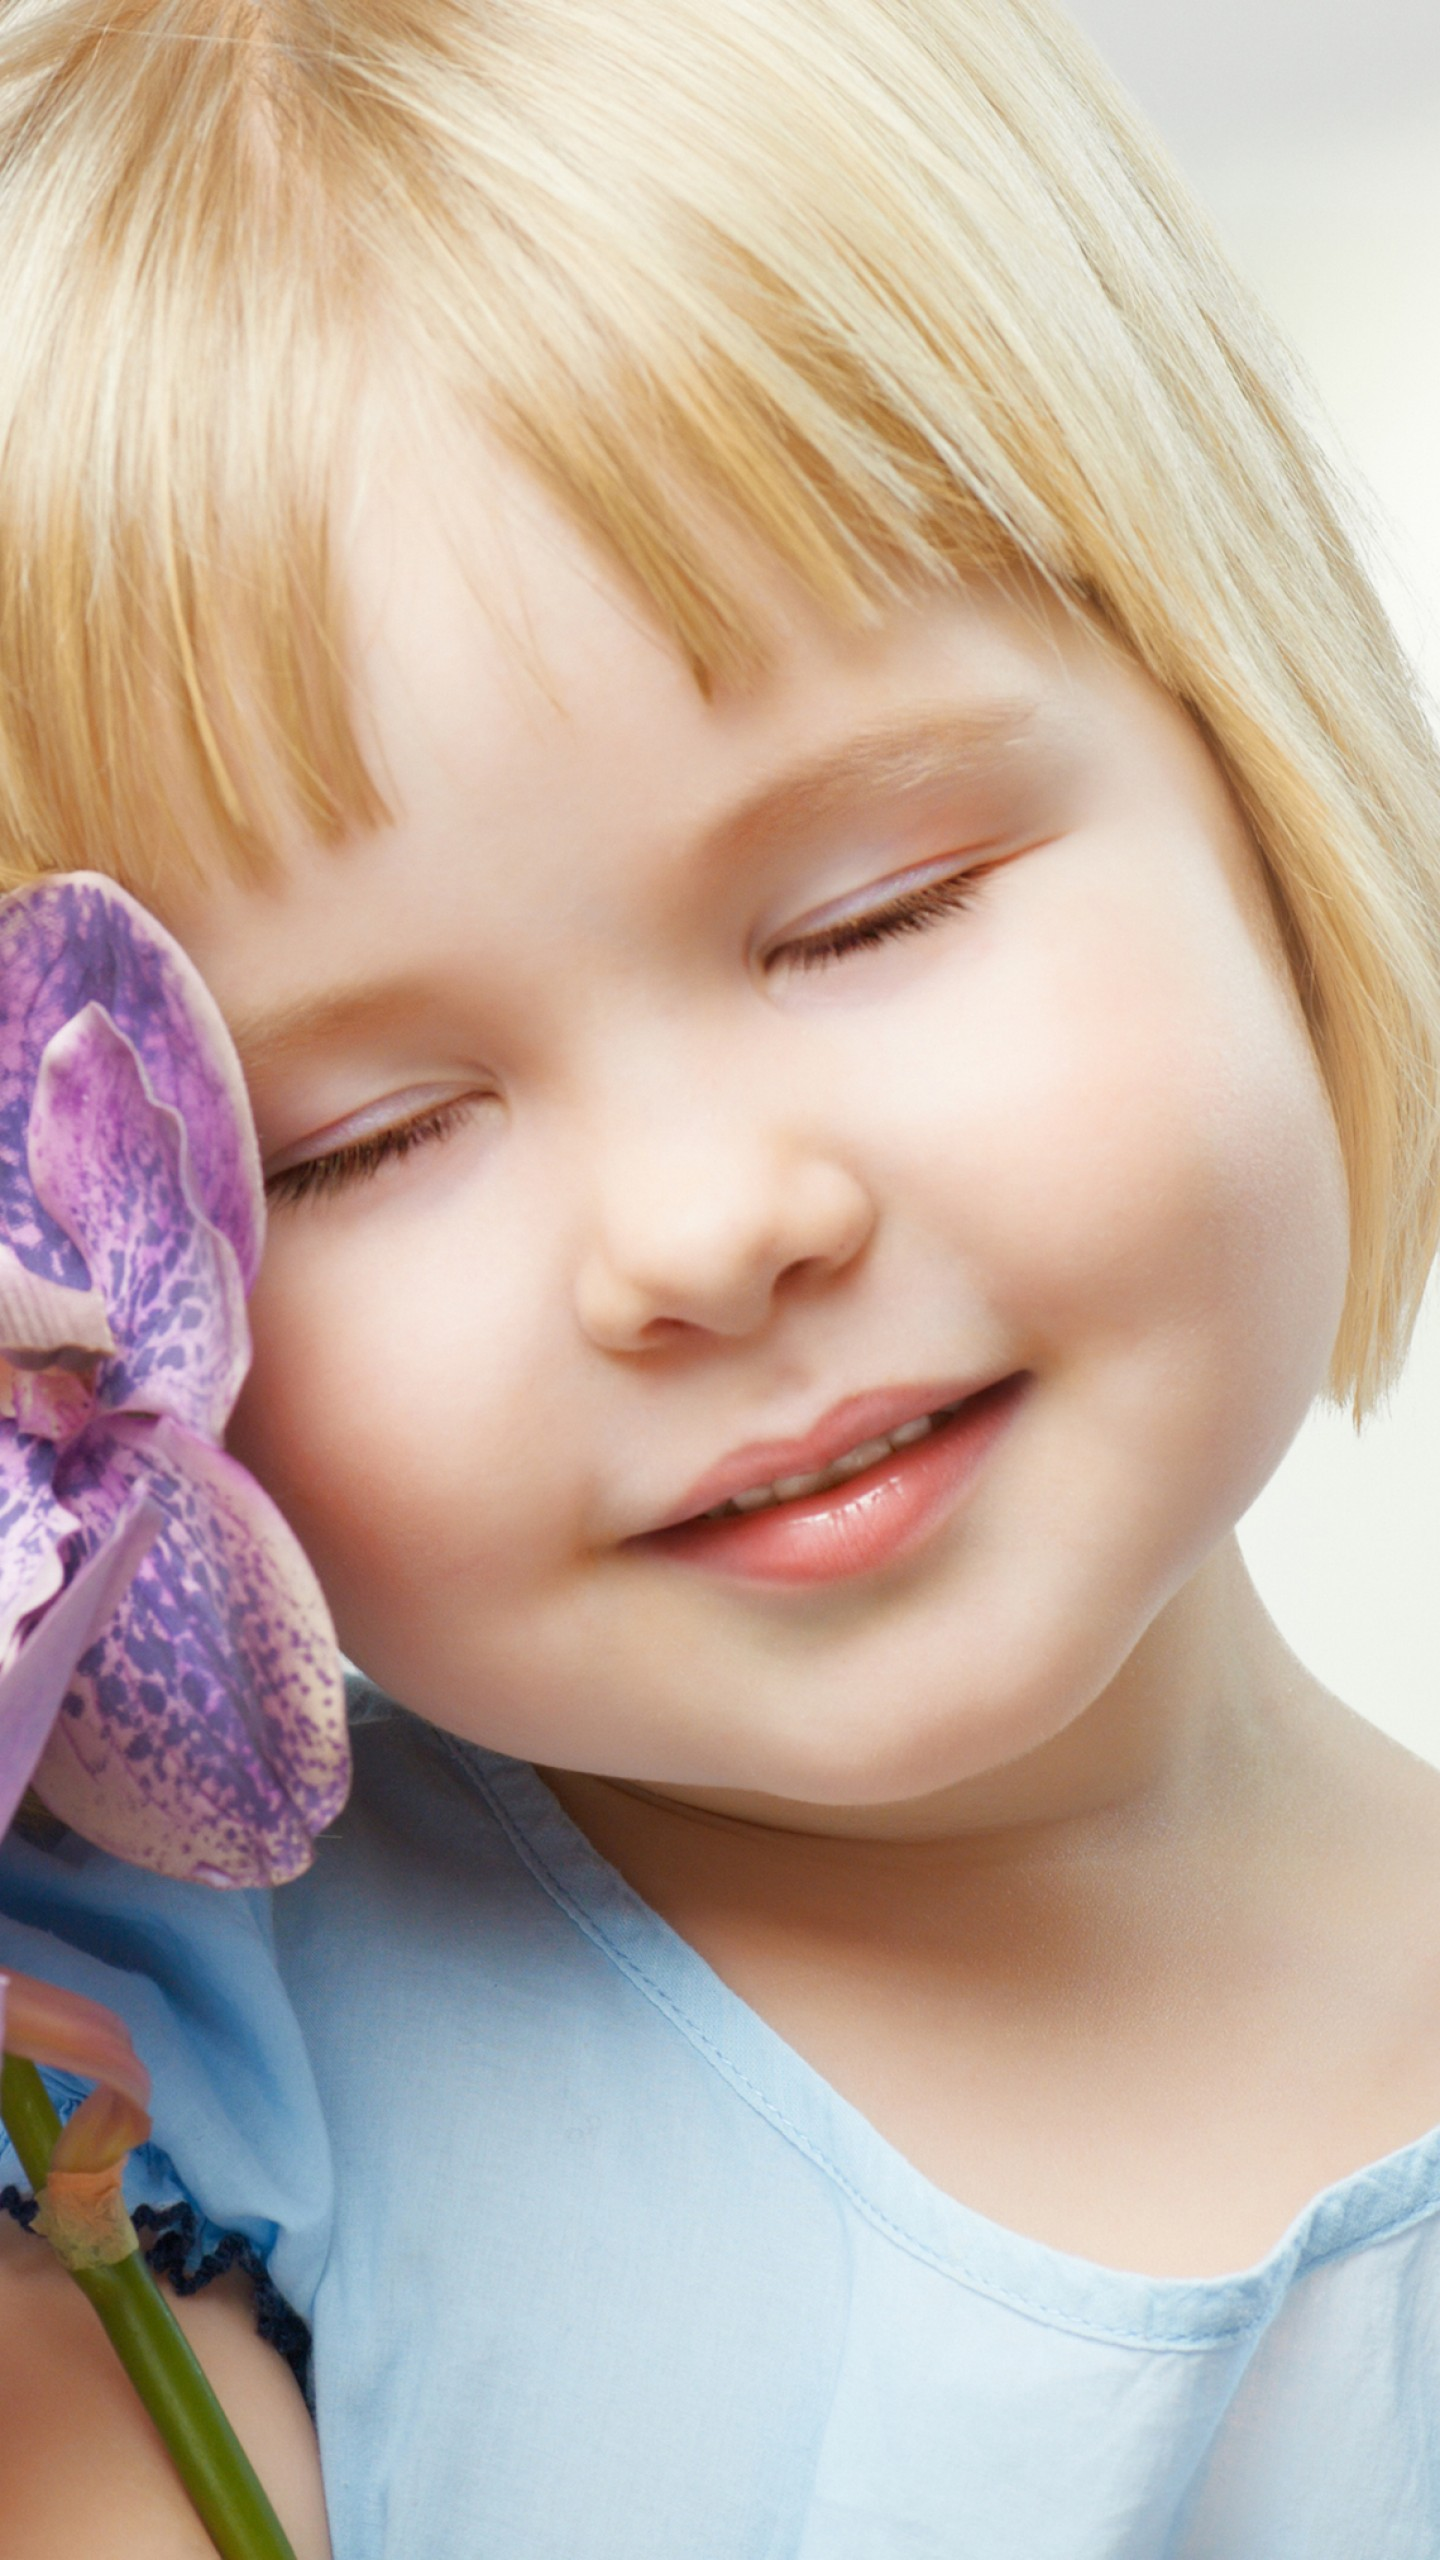 عکس زمینه دختر بچه ناز با گل های ارکیده بنفش پس زمینه